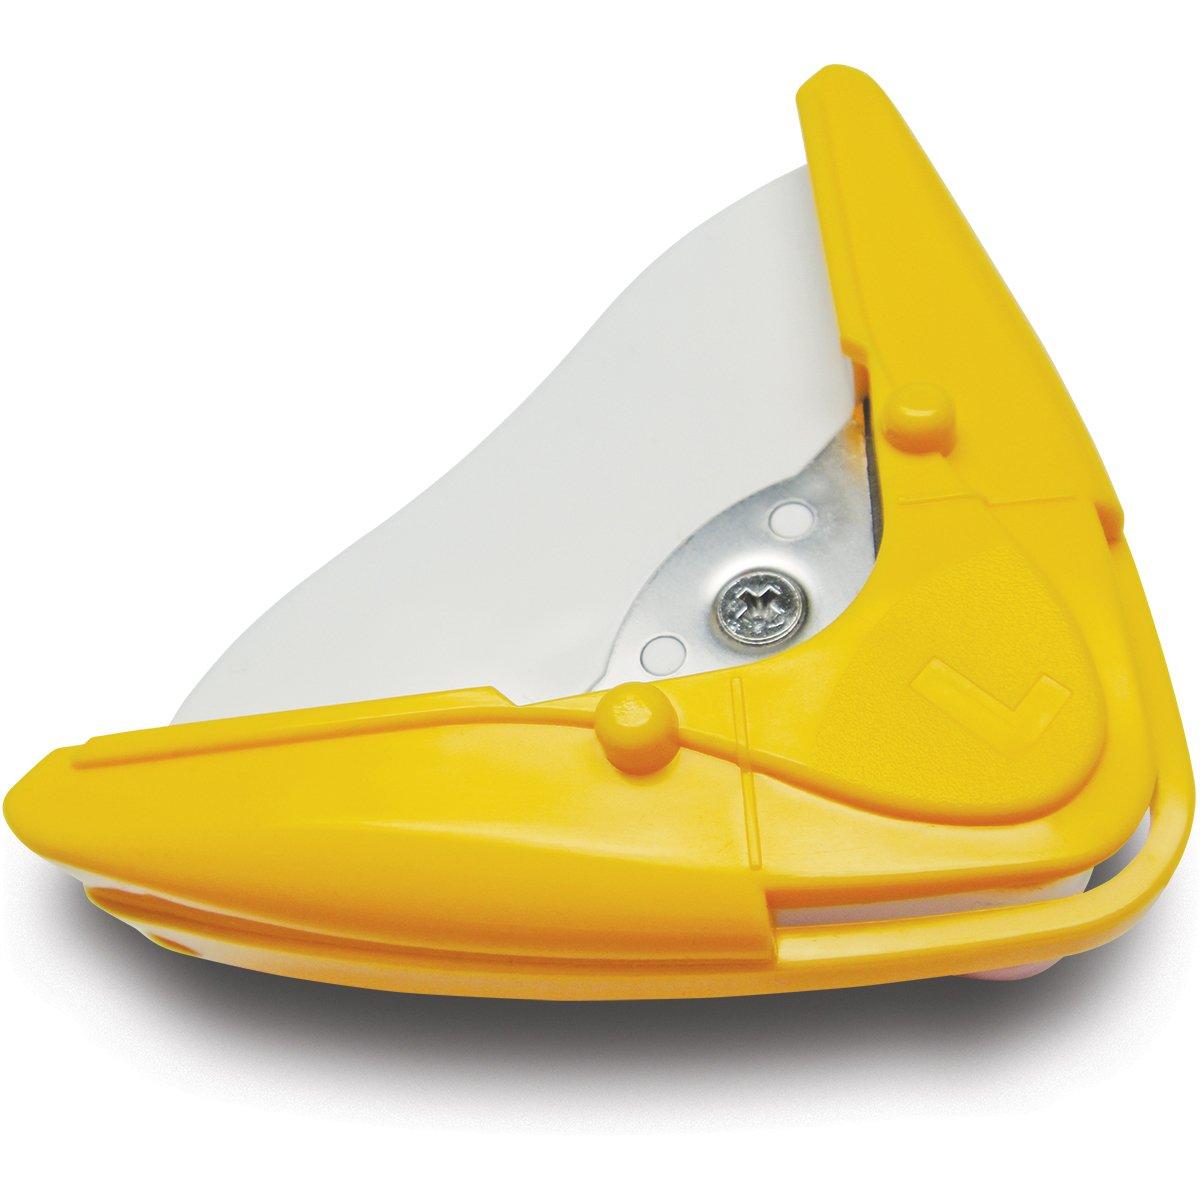 Aidox pp64b-lv cortador de esquina, color amarillo